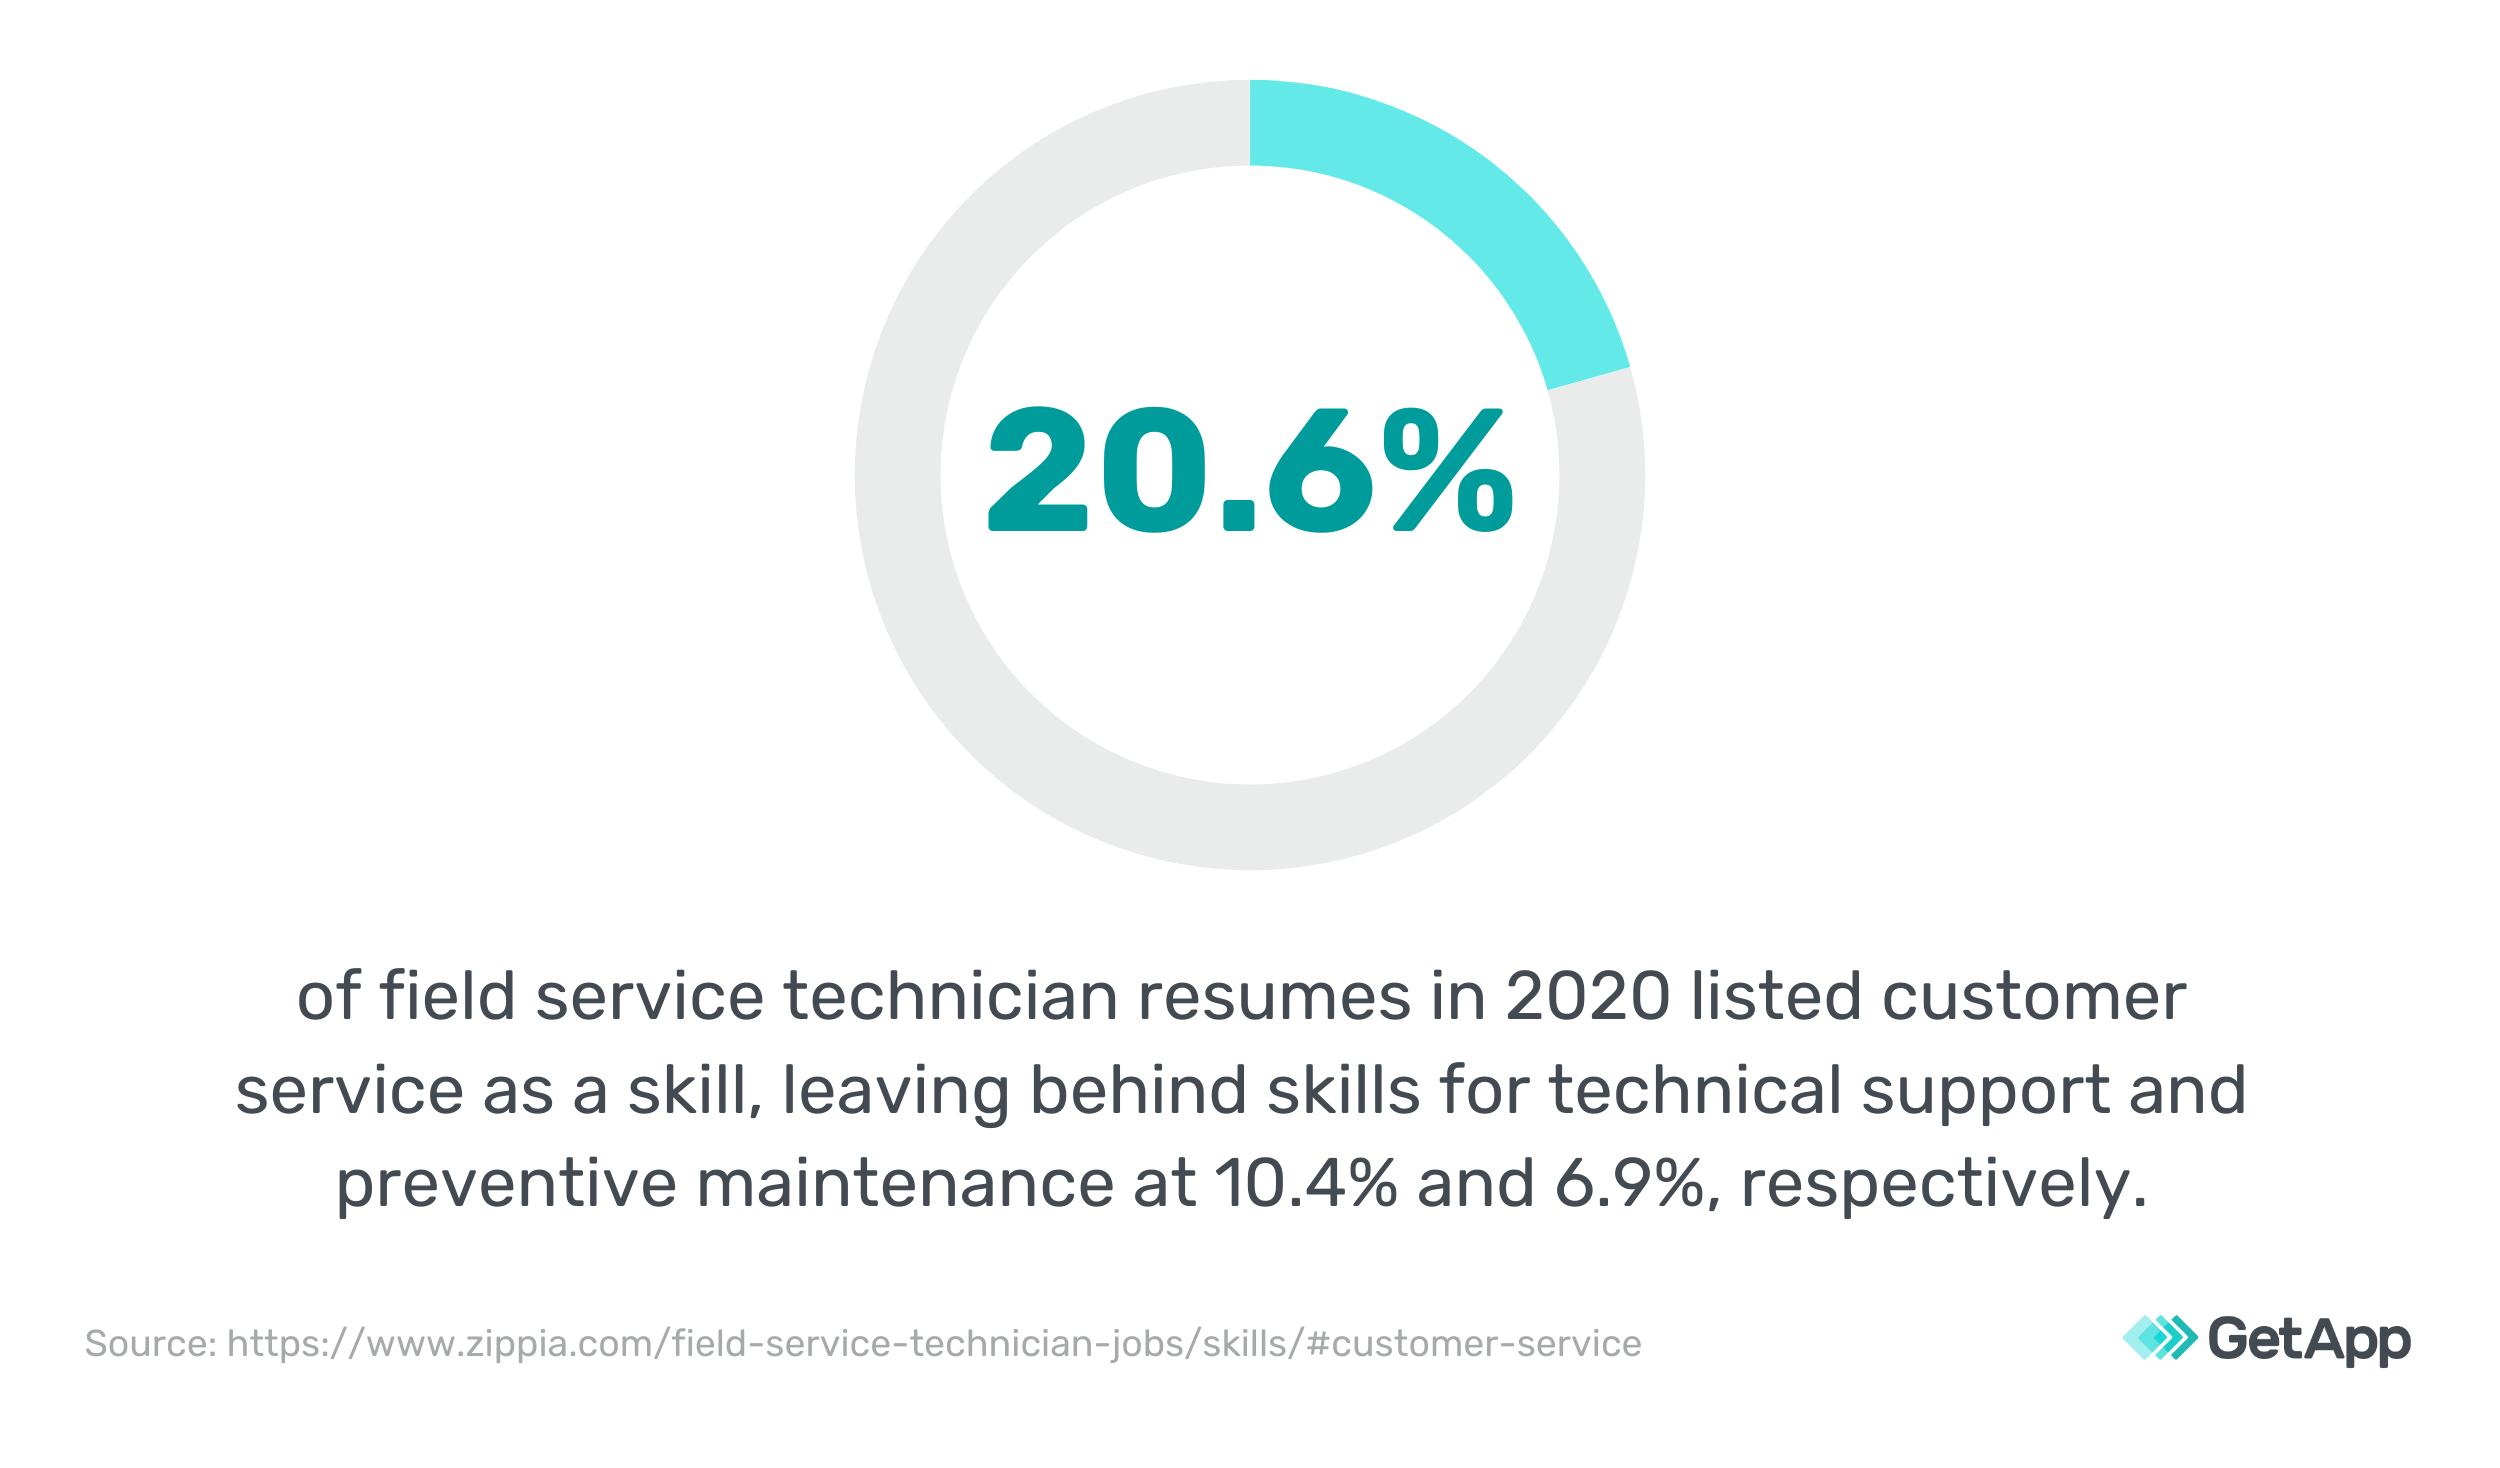 Customer service was a key skill in field technician resumes in 2020.